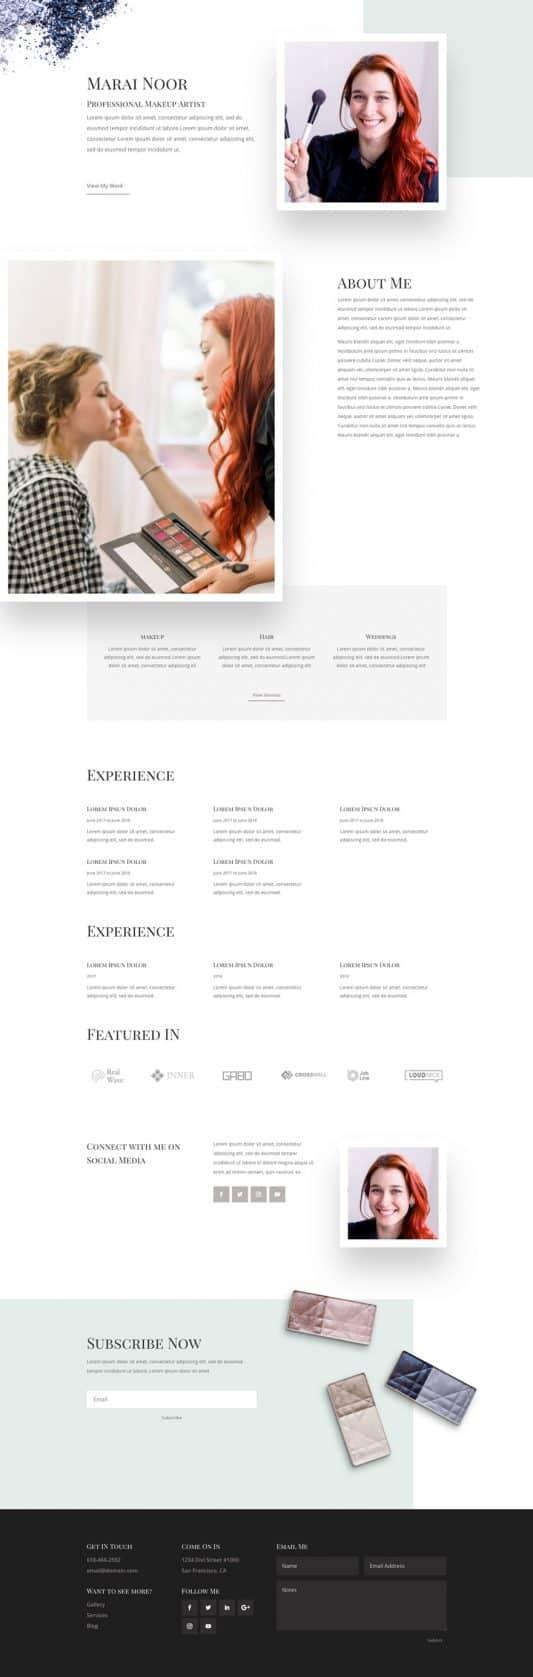 Makeup Artist Web Design 1